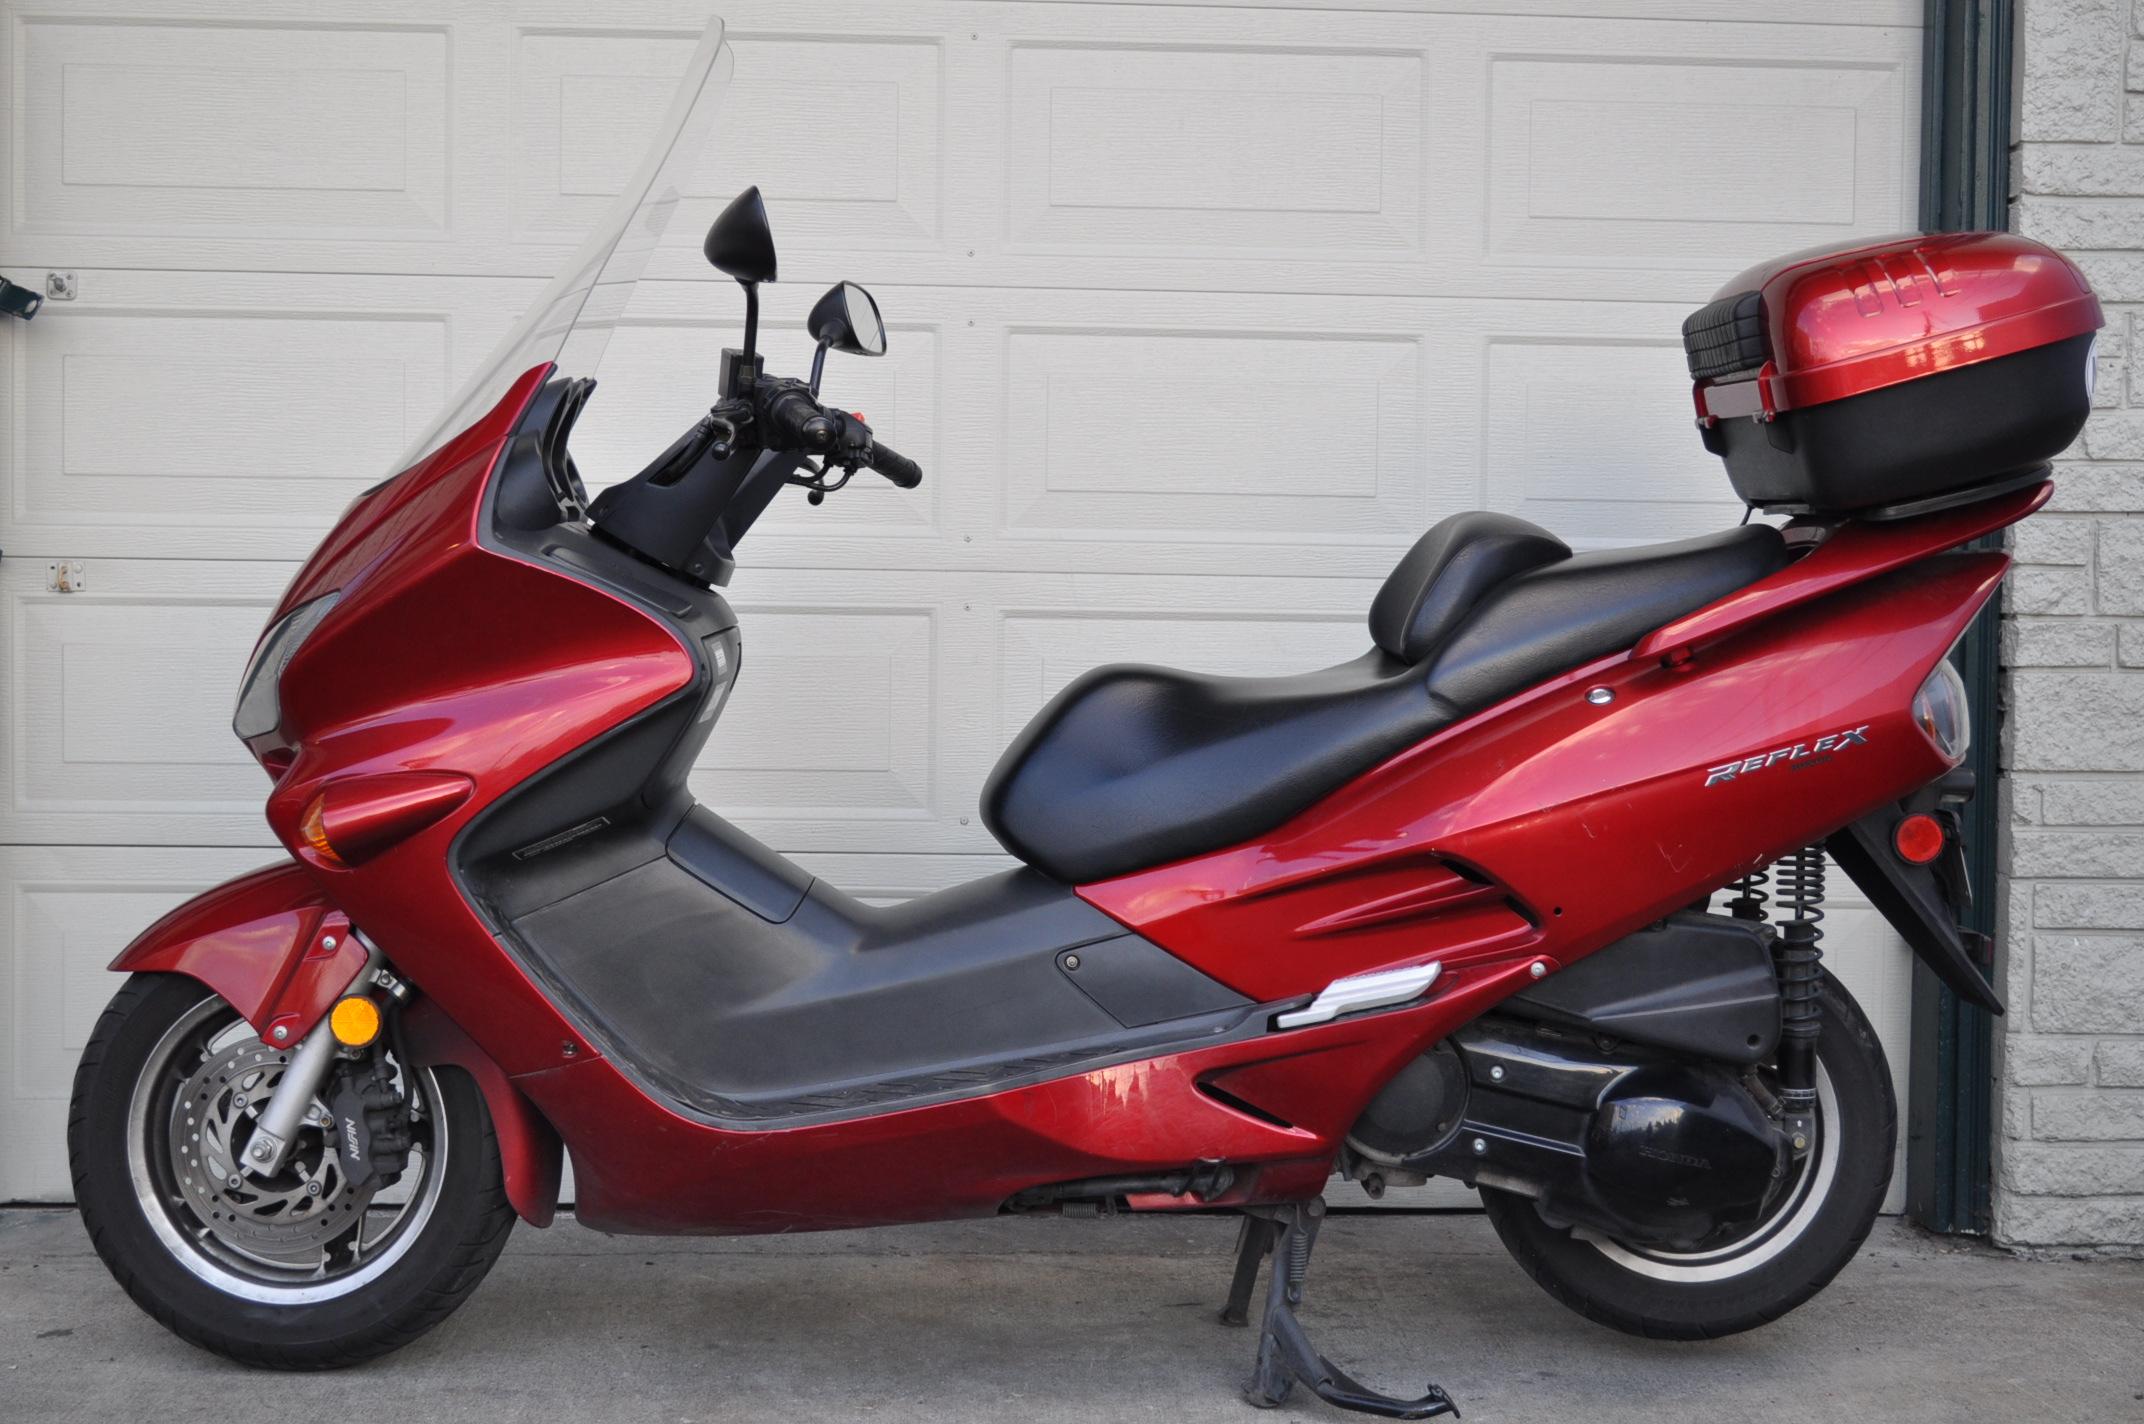 Cкутеры японского  производства – Honda, Yamaha и Suzuki